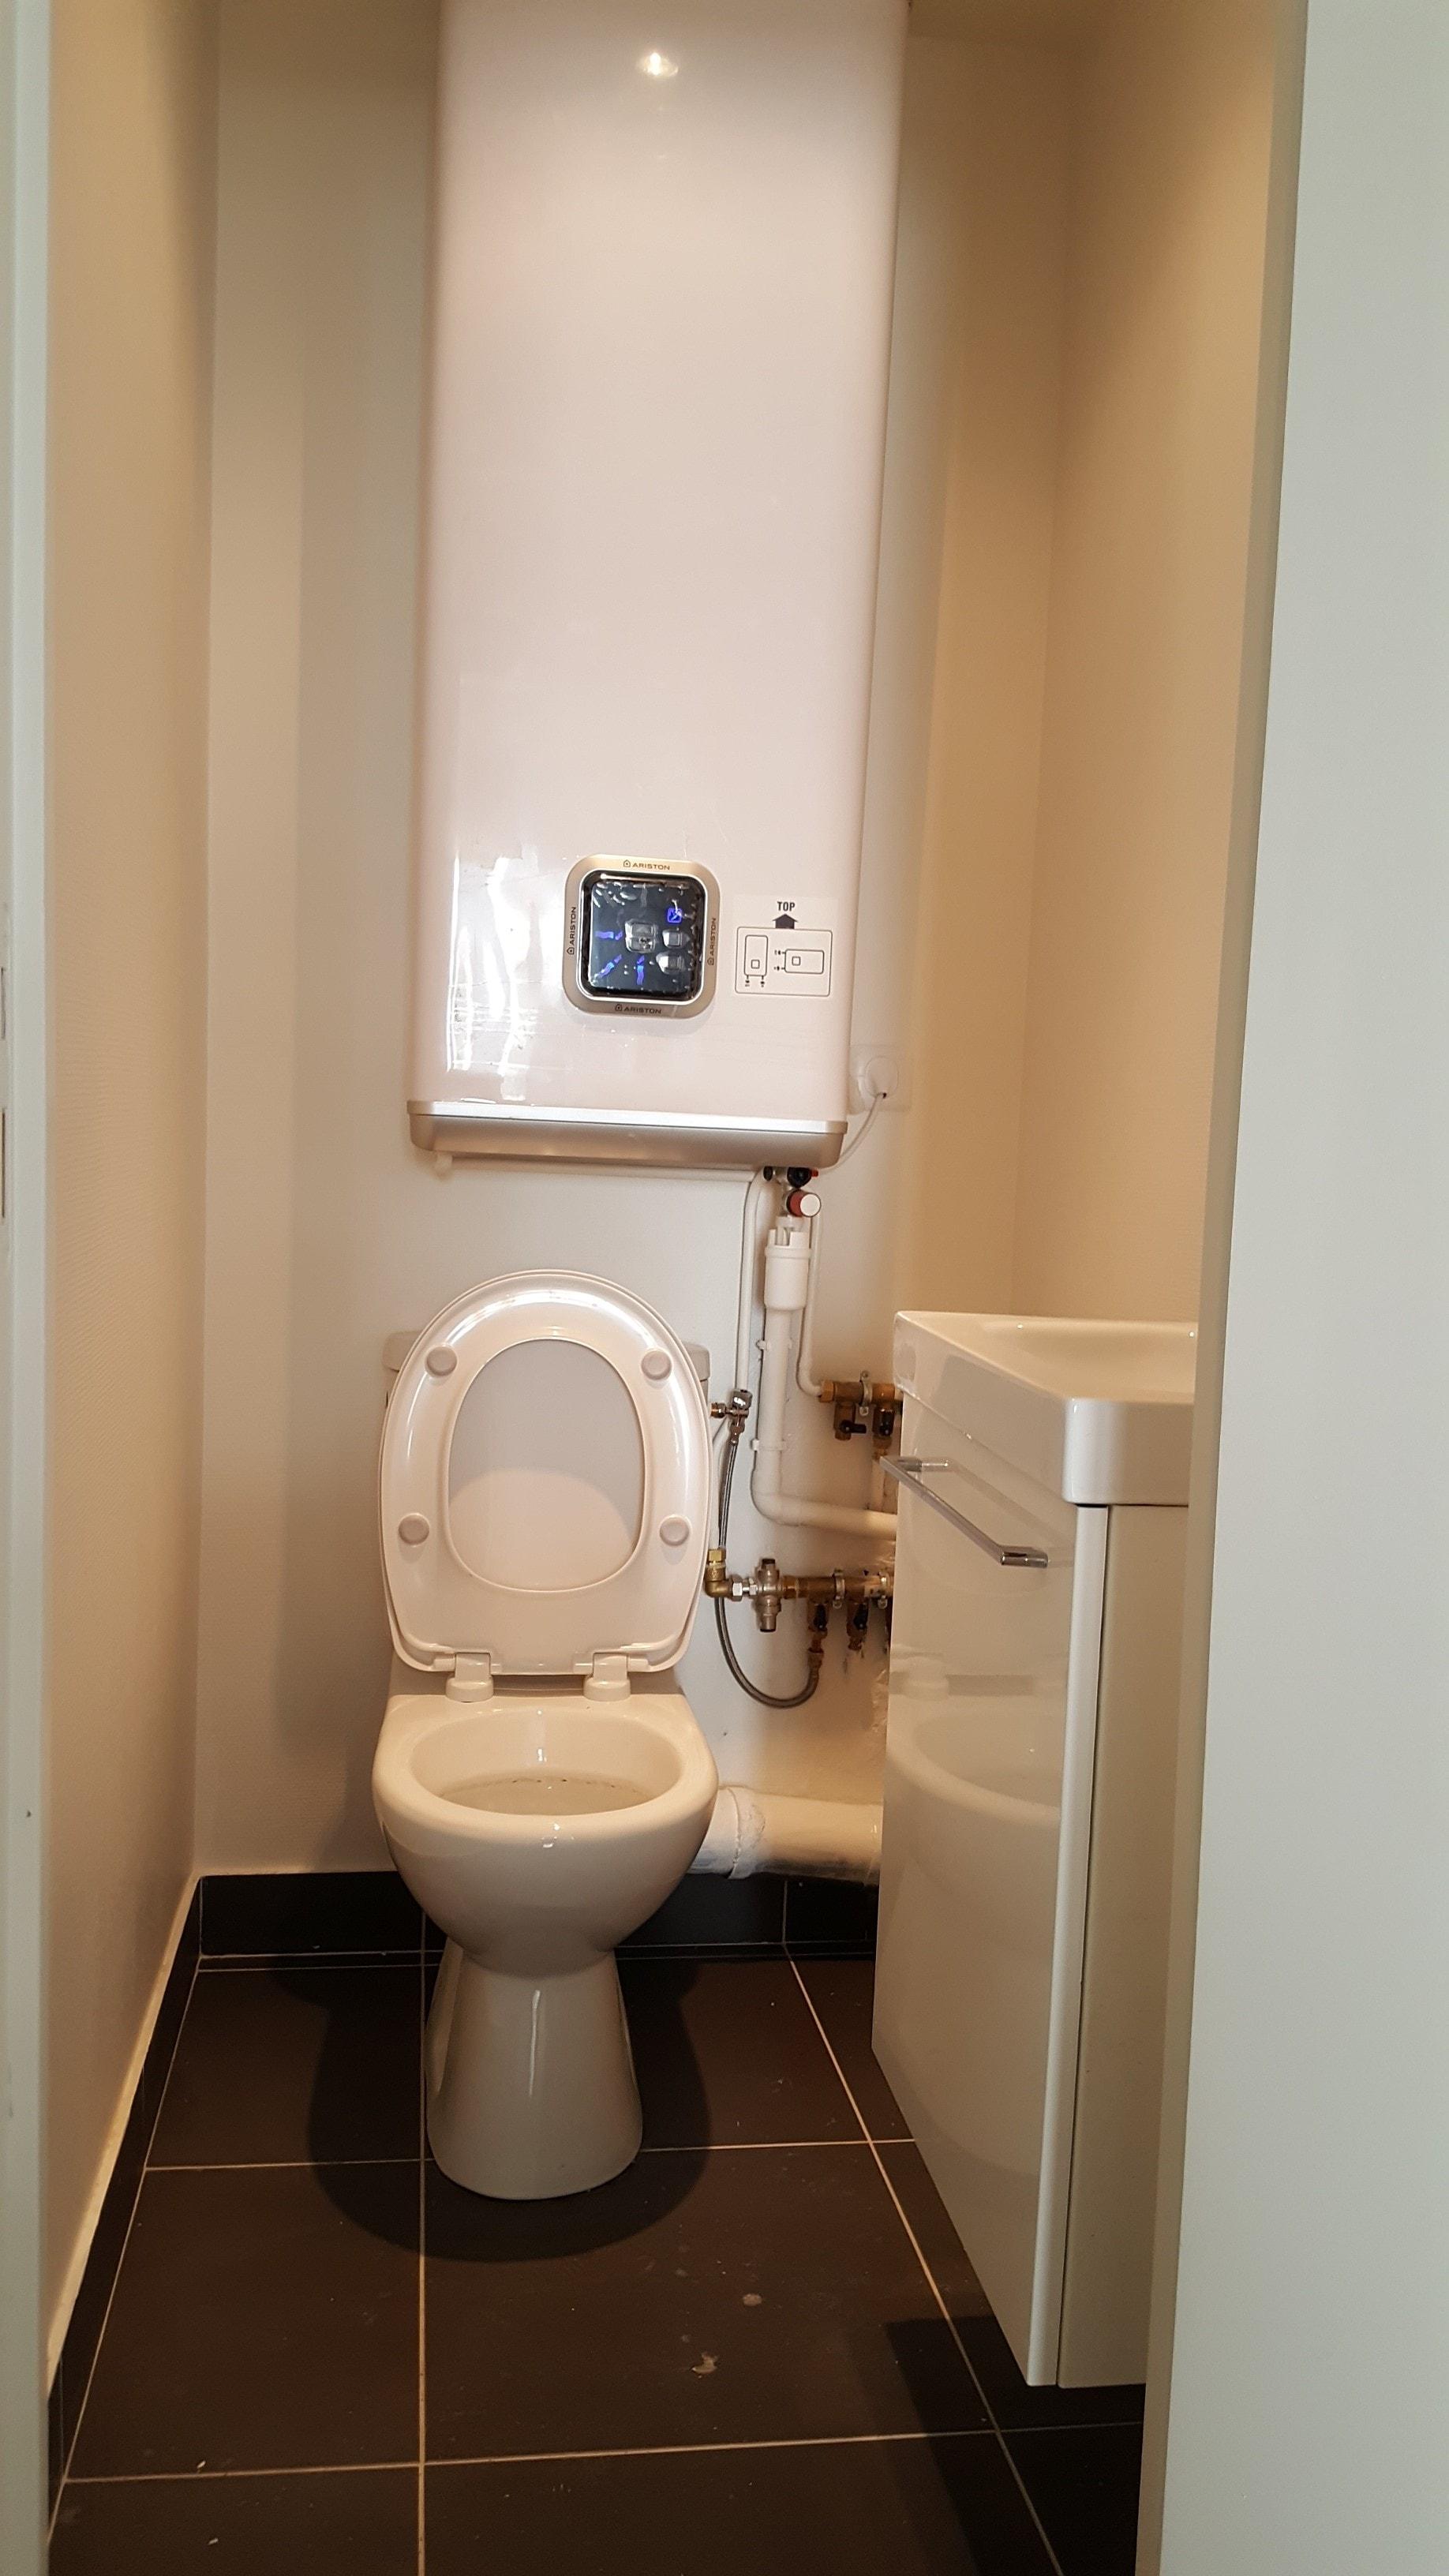 Travaux-de-renovation-a-Asnieres-d'un-studio-21-pose-de-carrelage-toile-de-verre-peinture-plomberie-electricite-wc-toilette-texas-batiment-rge-min